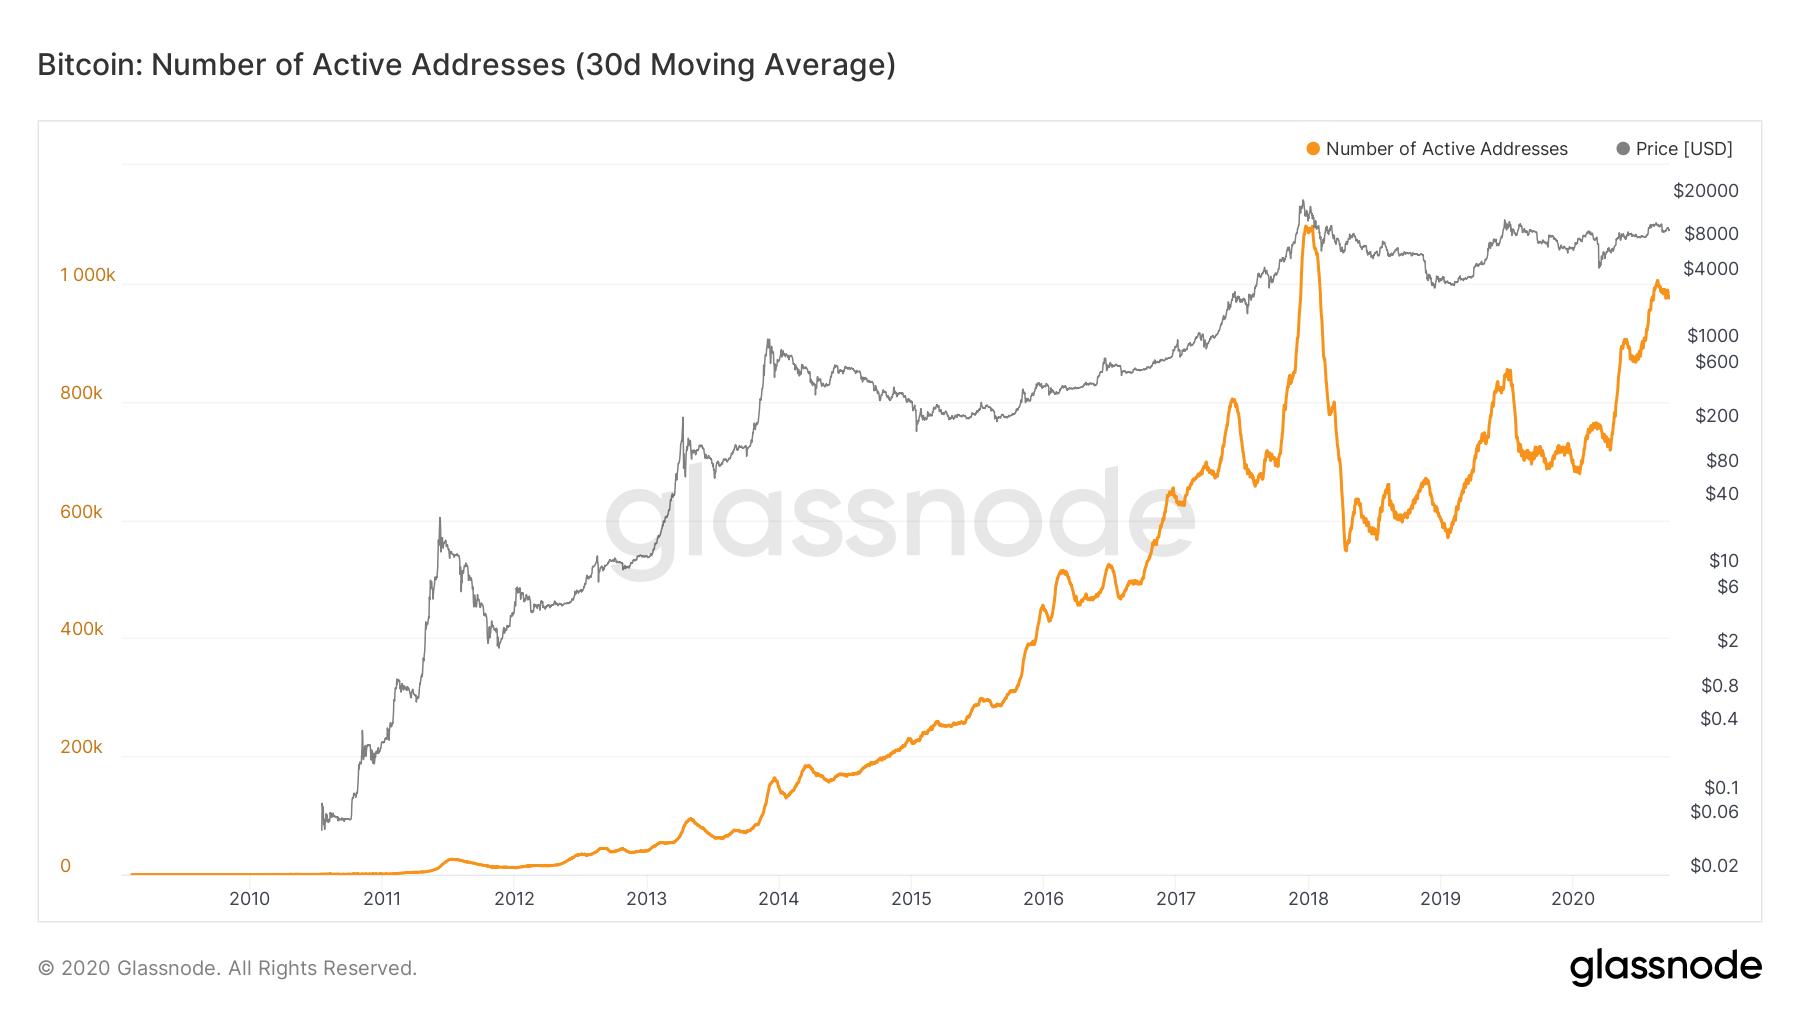 Indirizzi attivi di Bitcoin, media mensile